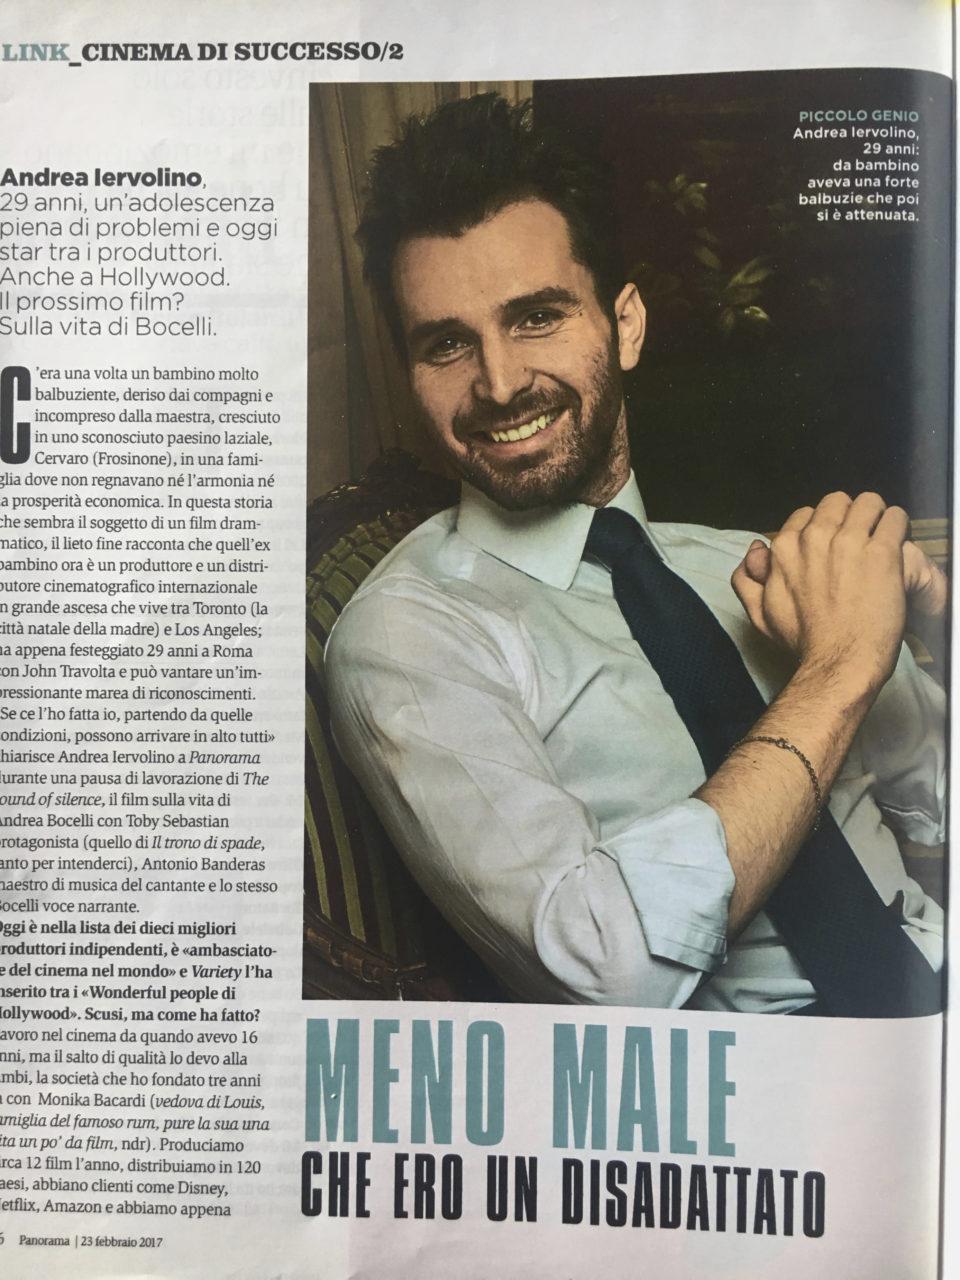 Andrea Iervolino, uno dei dieci produttori più importanti di Hollywood, ritratto da Gianluigi Di Napoli per Panorama Magazine